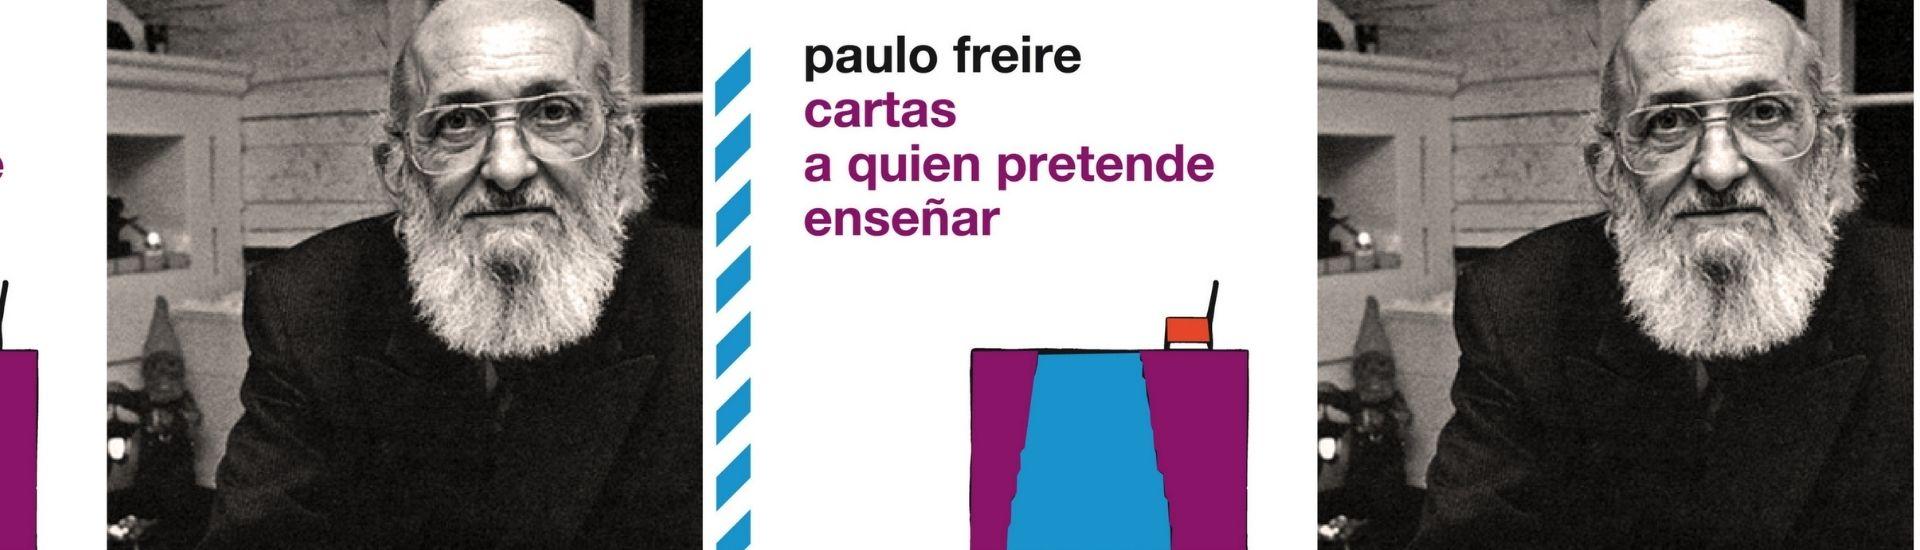 Fotografía de Paulo Freire y su libro: Cartas a quien pretende enseñar